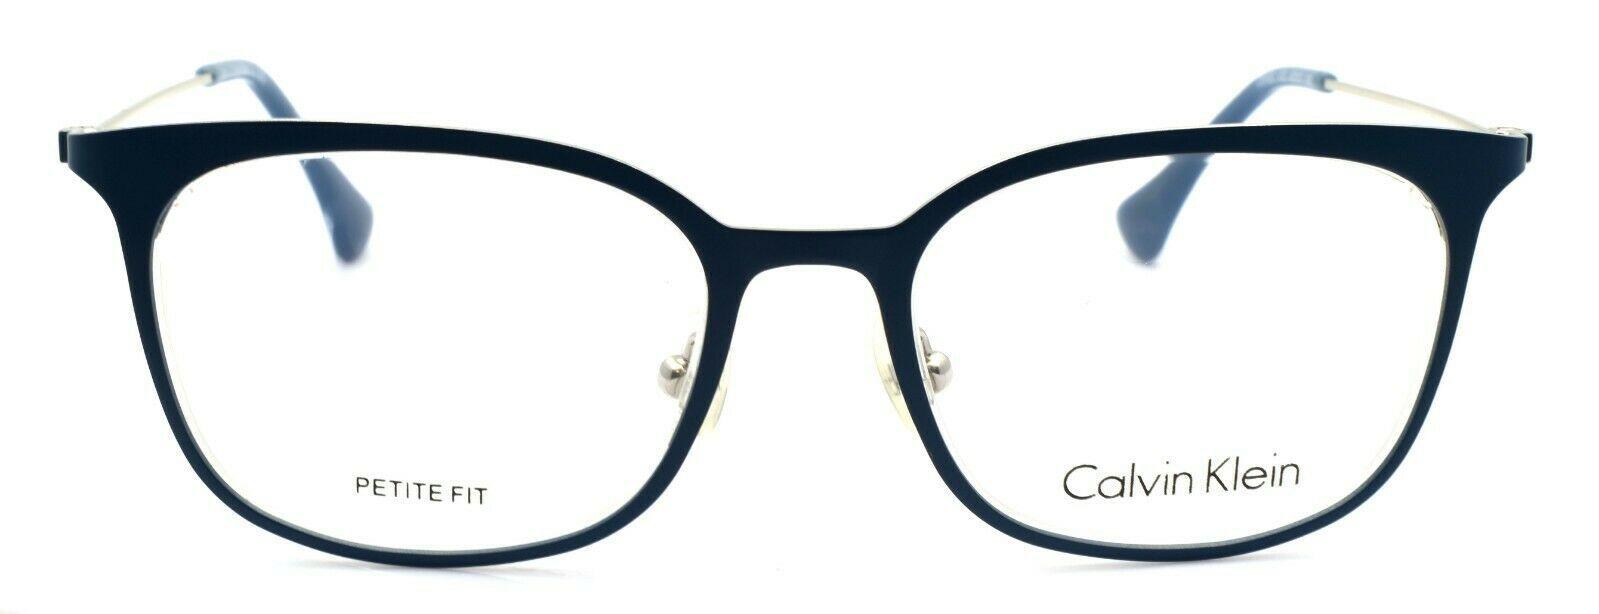 Calvin Klein CK5432 412 Women's Eyeglasses Frames PETITE 47-17-135 Blue